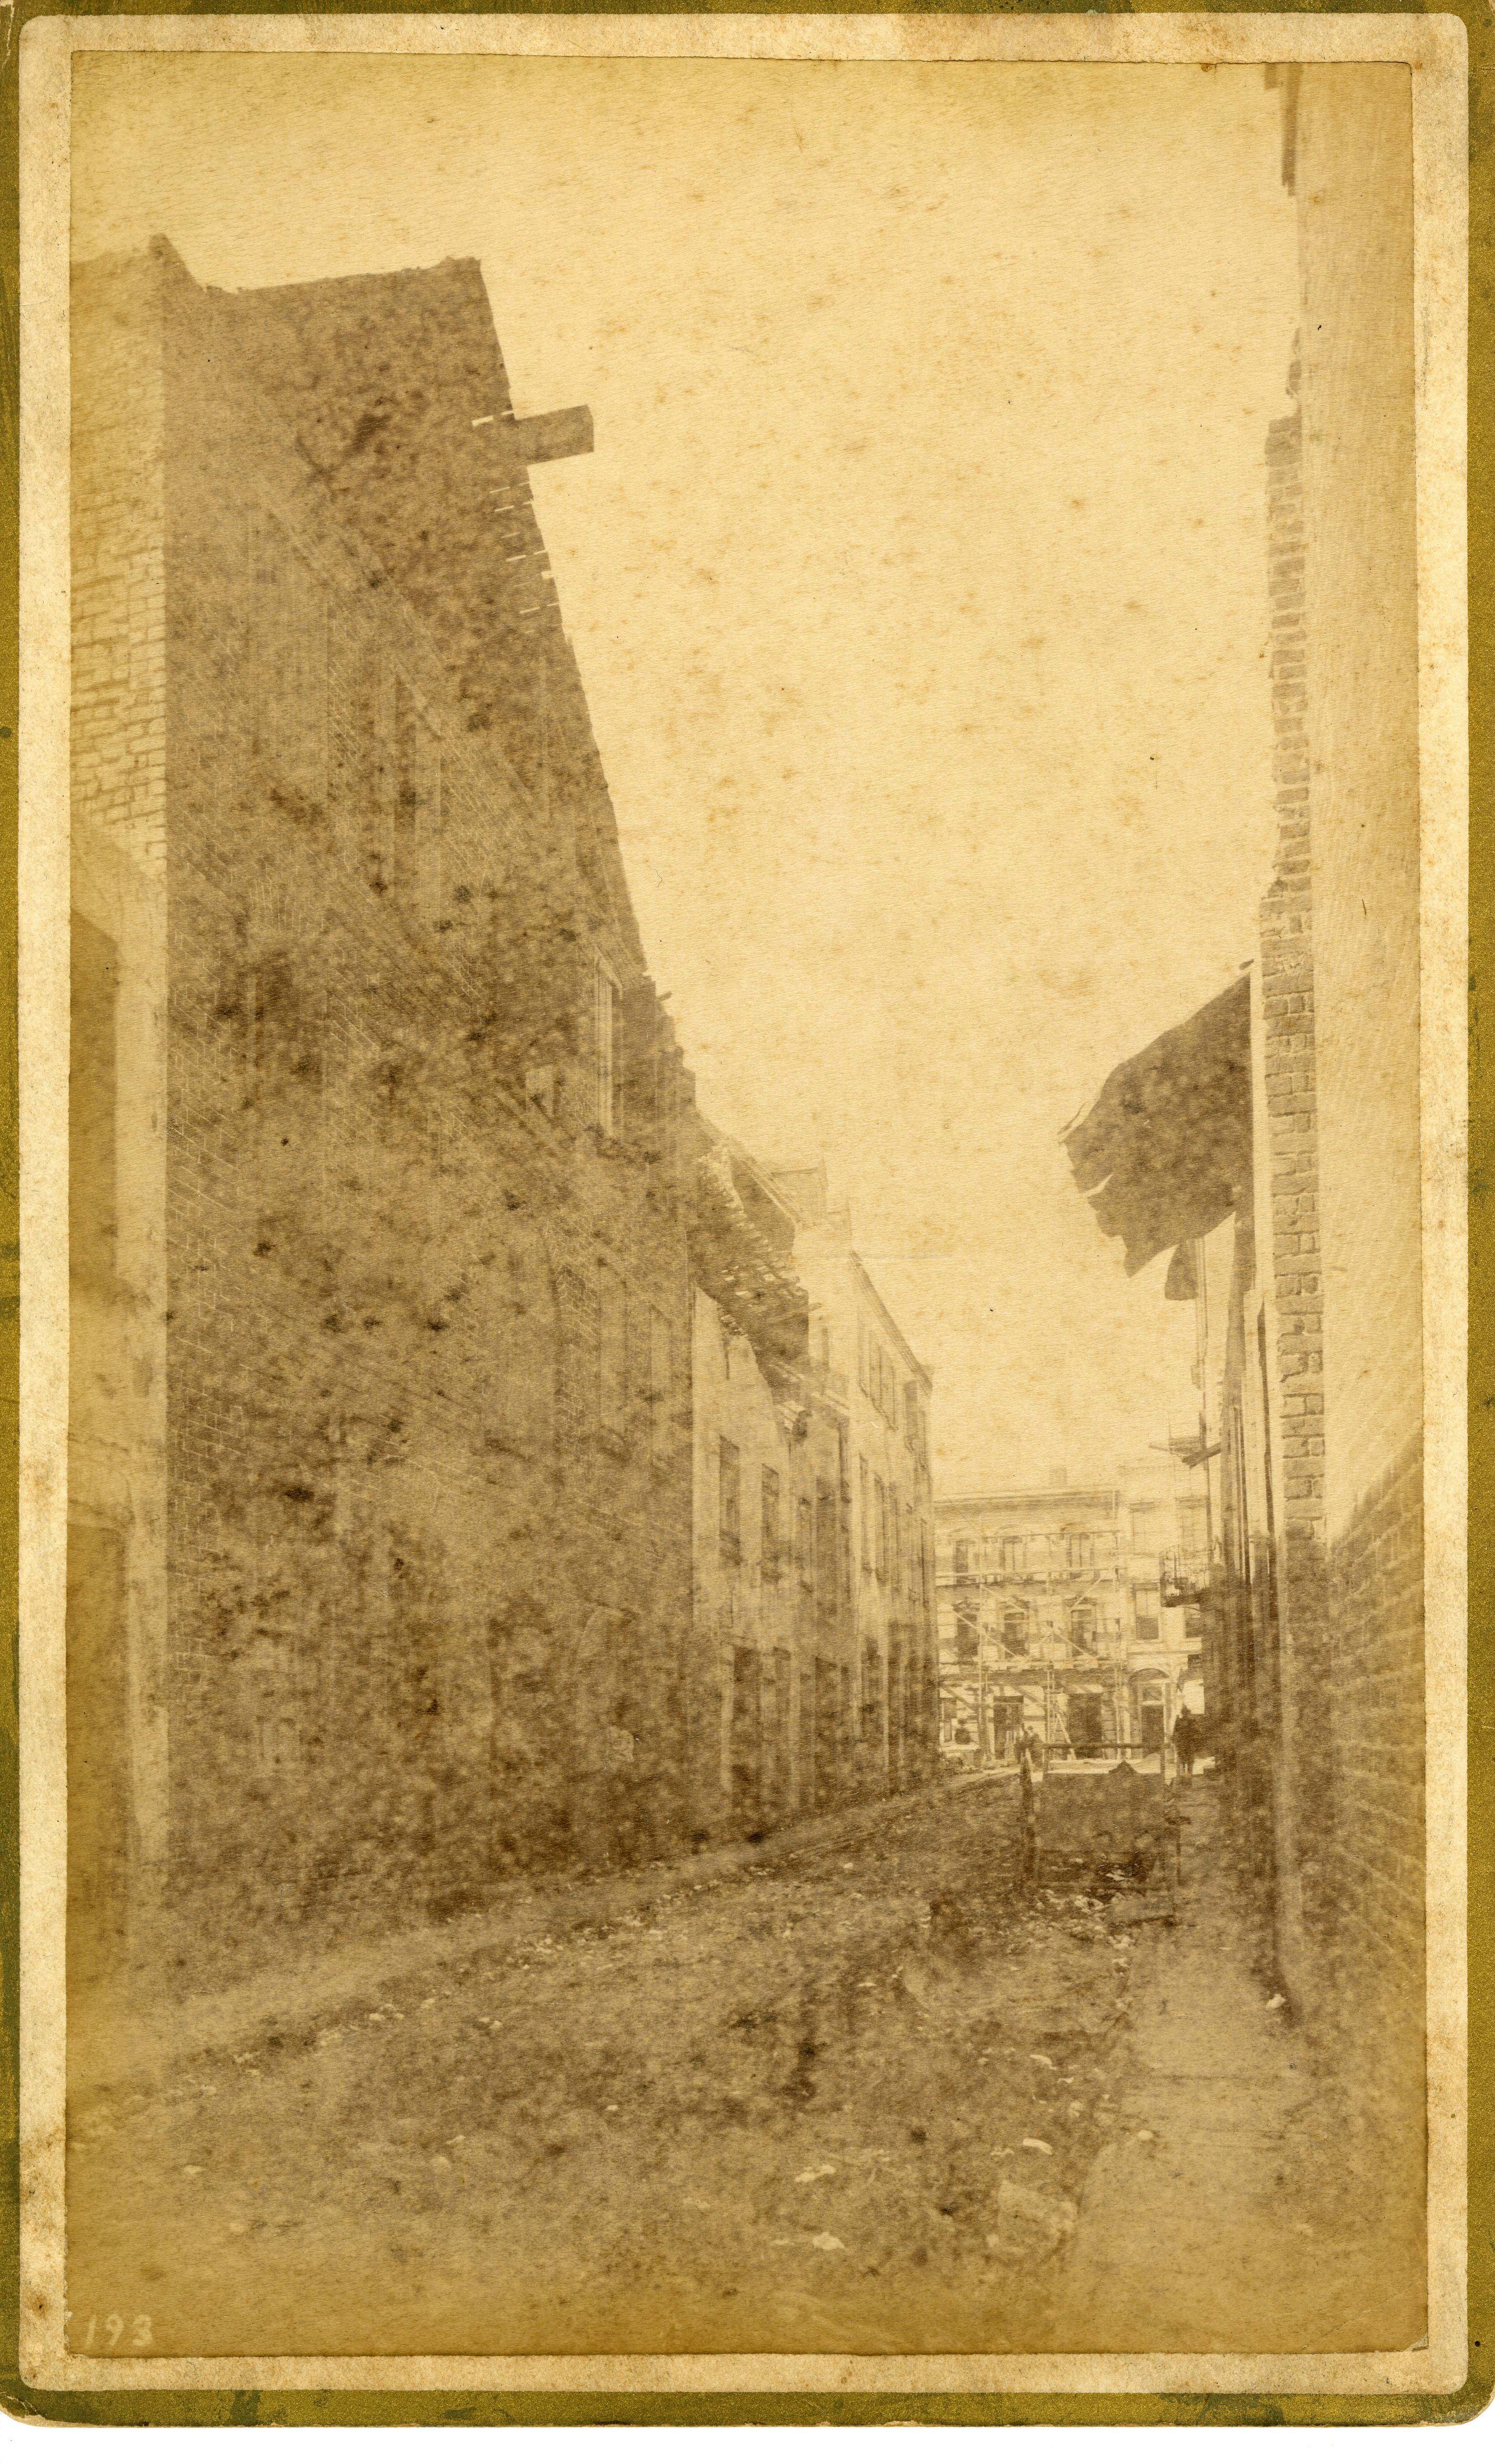 Gillon Street